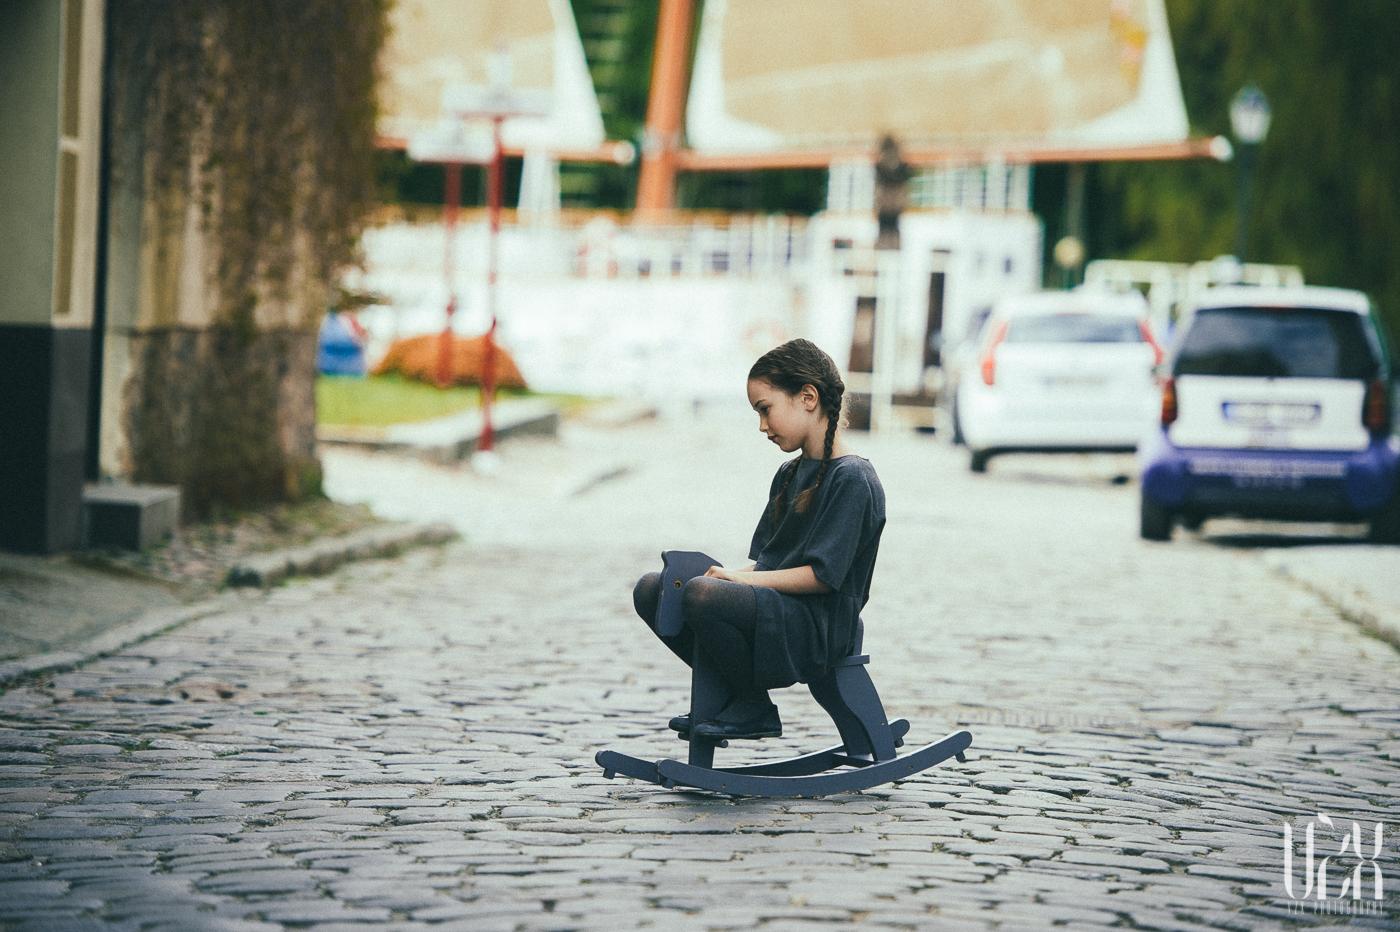 Keliaujancios Baznycios Performance Vzx Photography Klaipeda 31